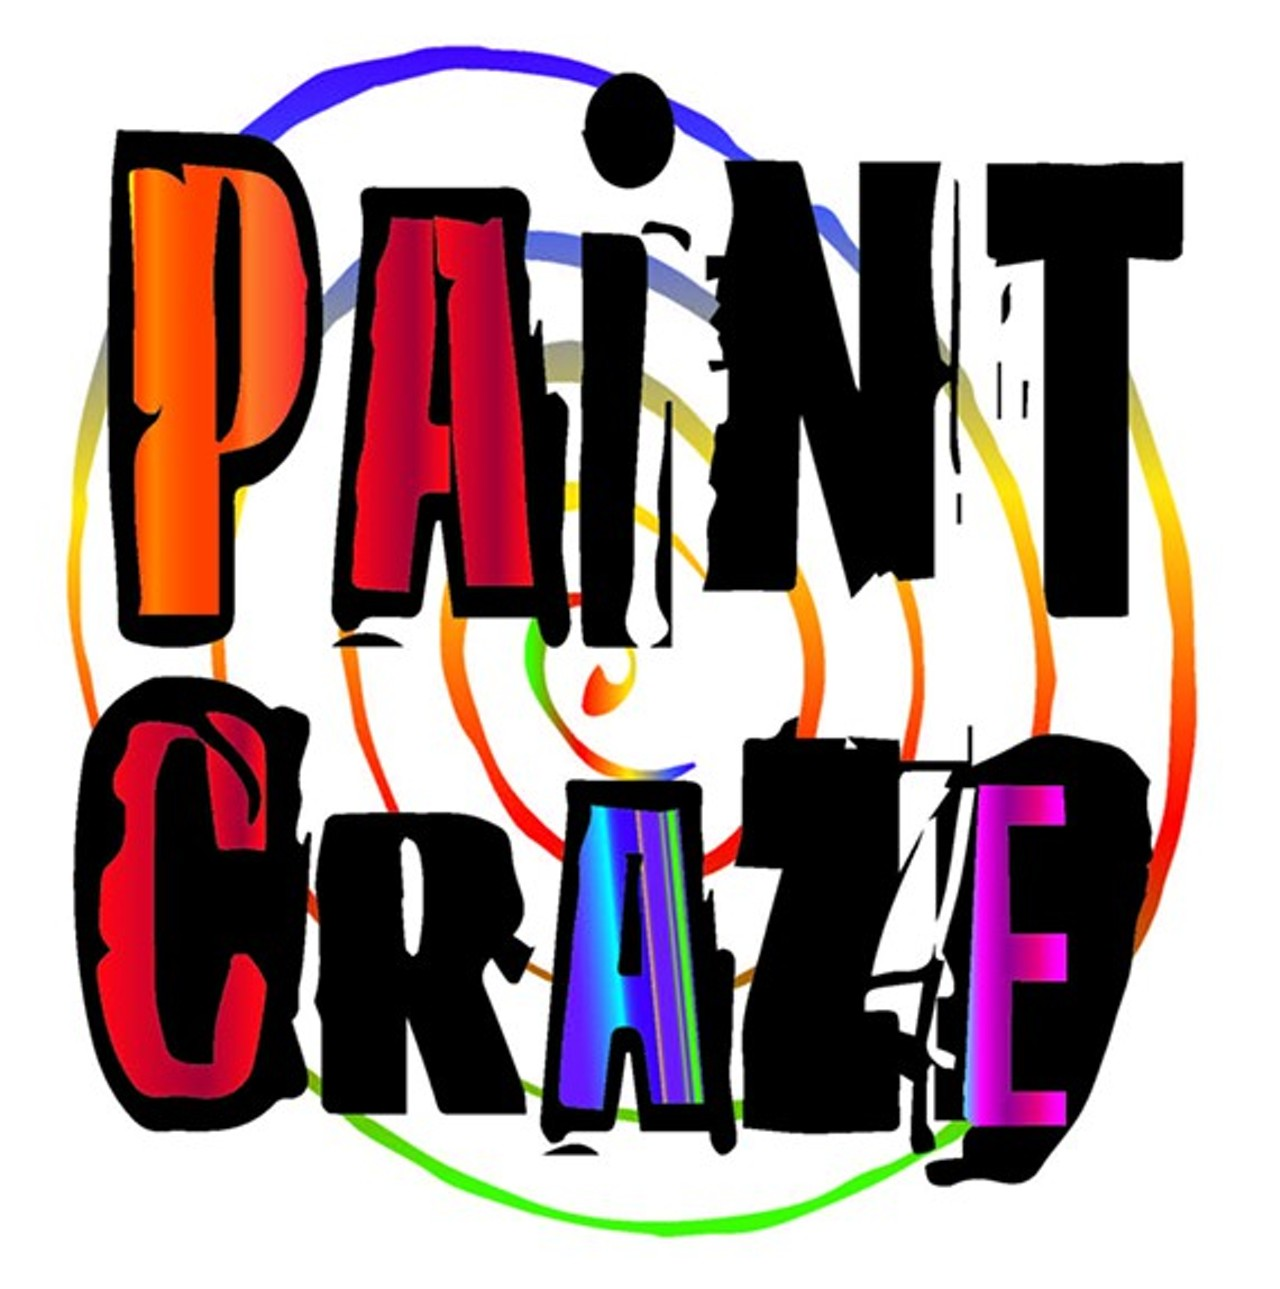 Paint sip at paint craze studio paint craze visual for Sip and paint charlotte nc